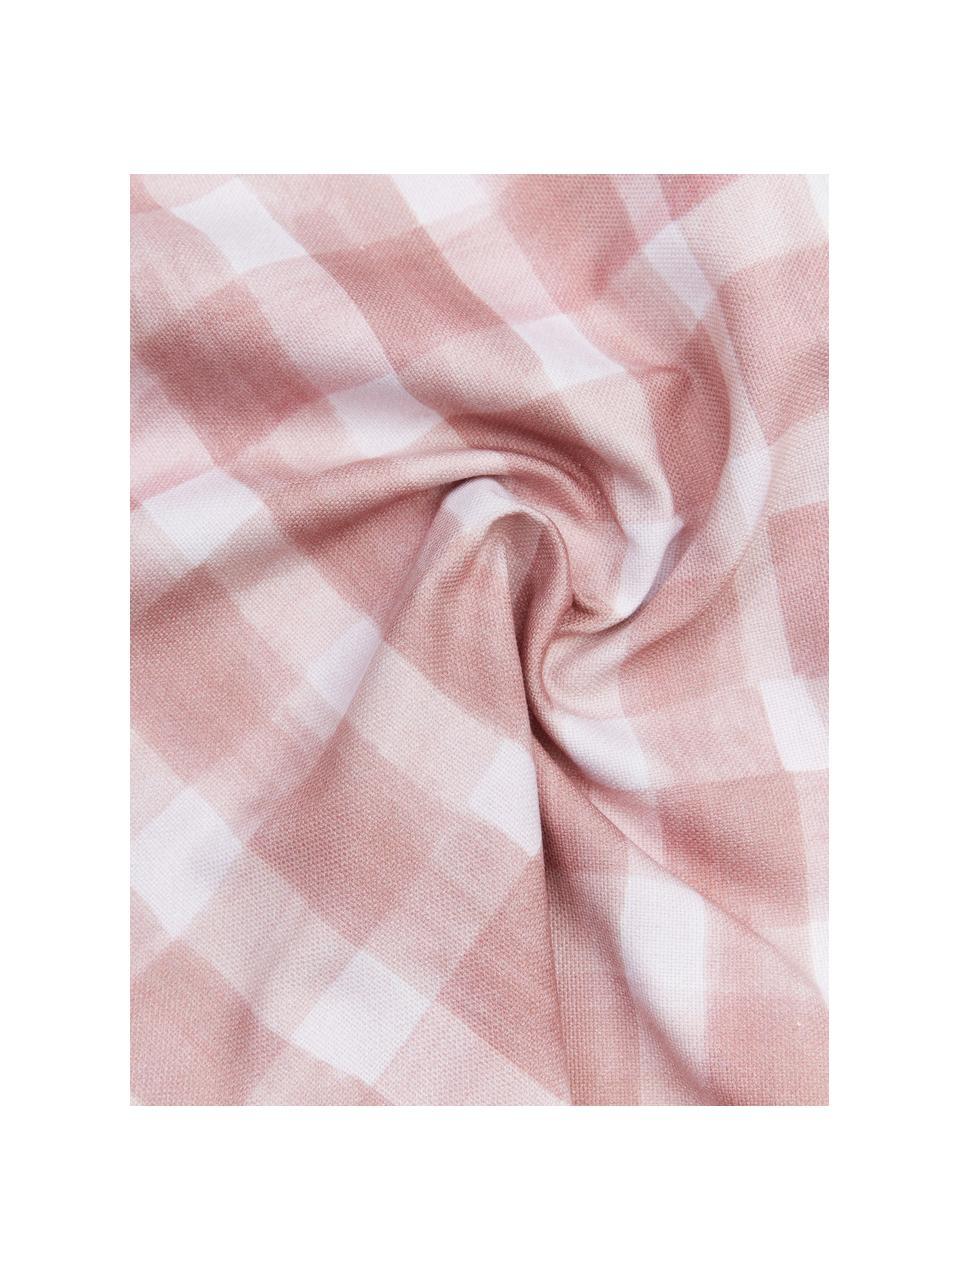 Housse de coussin rectangulaire réversible Check par Candice Gray, Rose